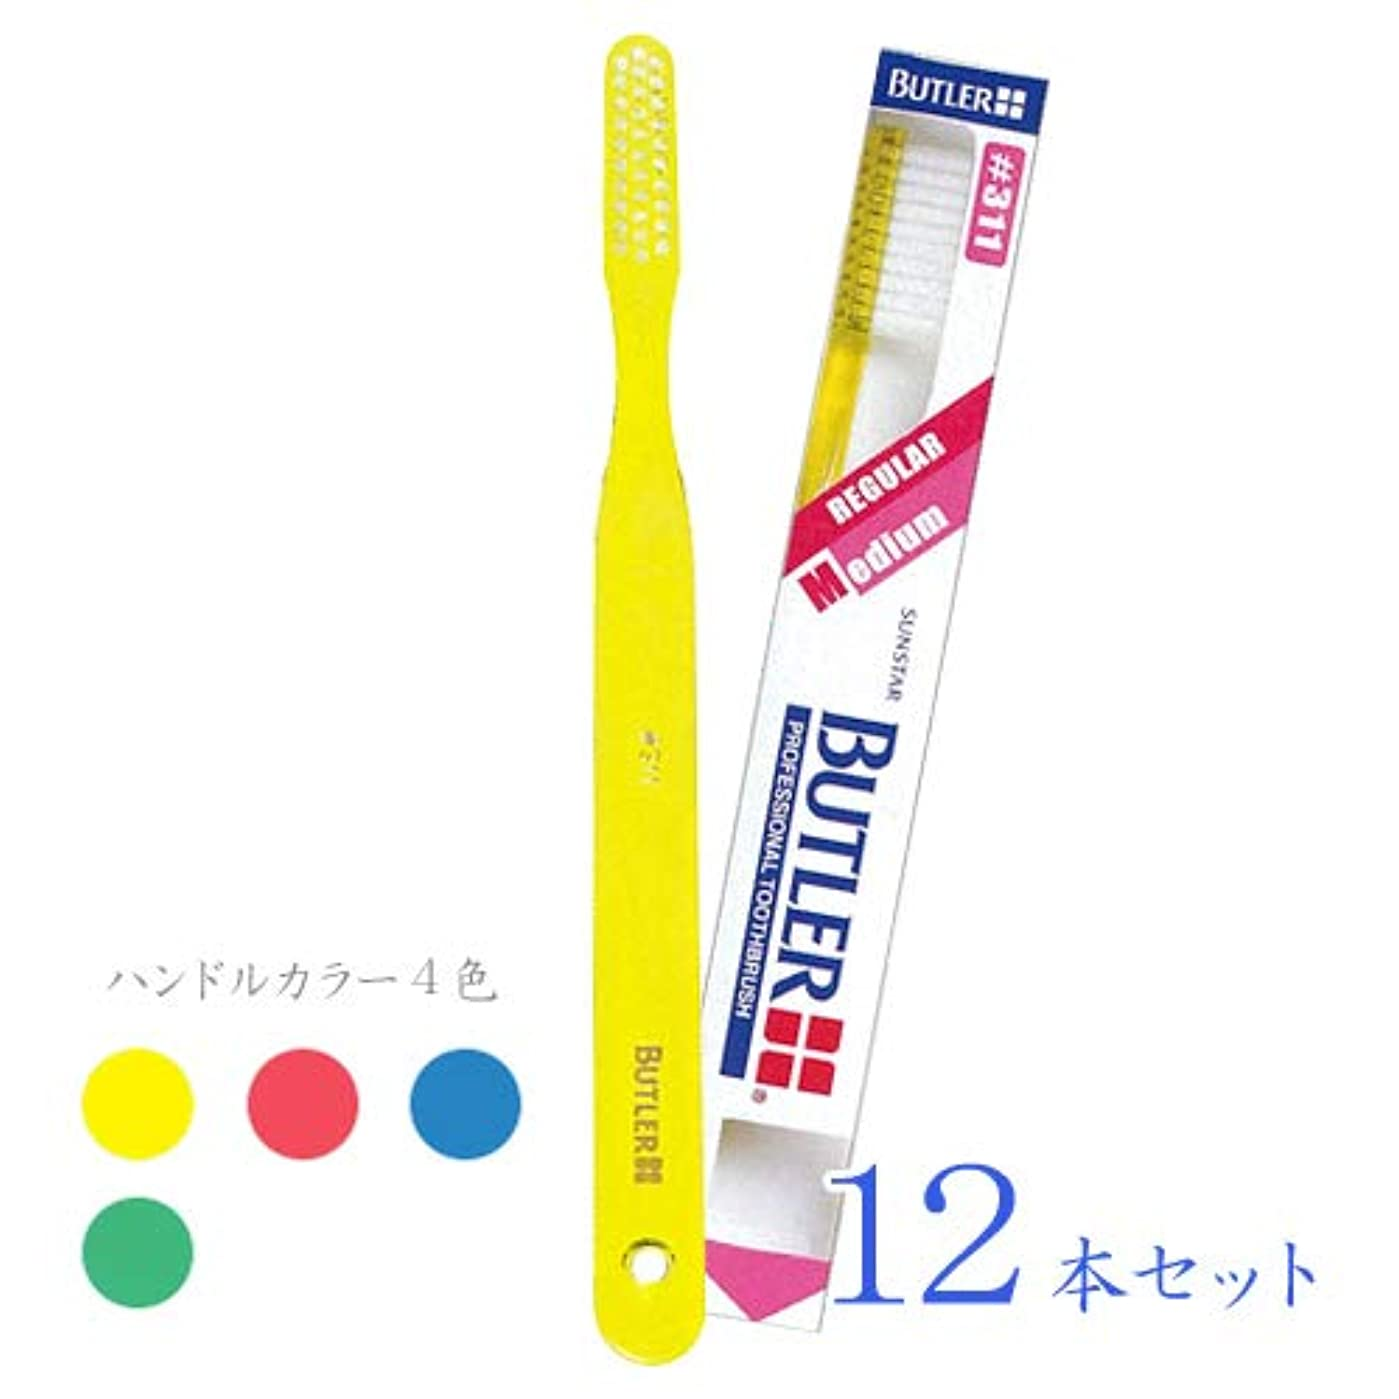 紫のチケットパンチ【サンスター/バトラー】【歯科用】バトラー歯ブラシ #311 12本【歯ブラシ】【ふつう】ハンドルカラー6色(アソート)一般用(3列フラット)【バトラー #311】